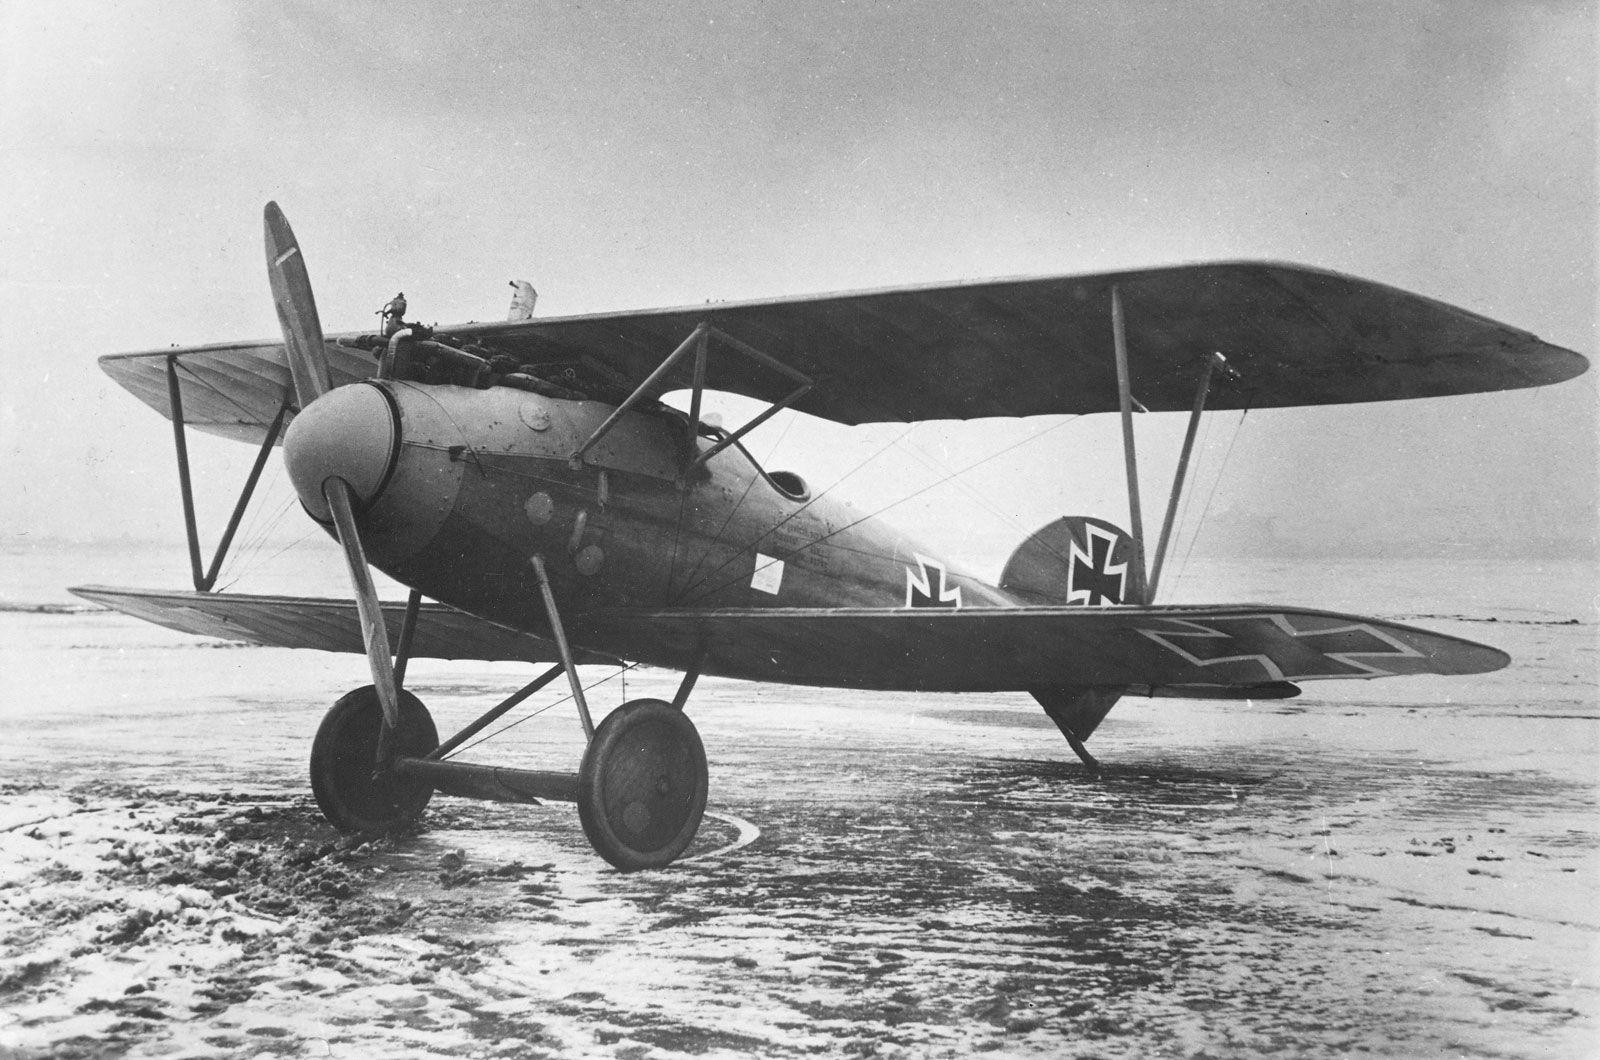 Германский истребитель Albatros D.III